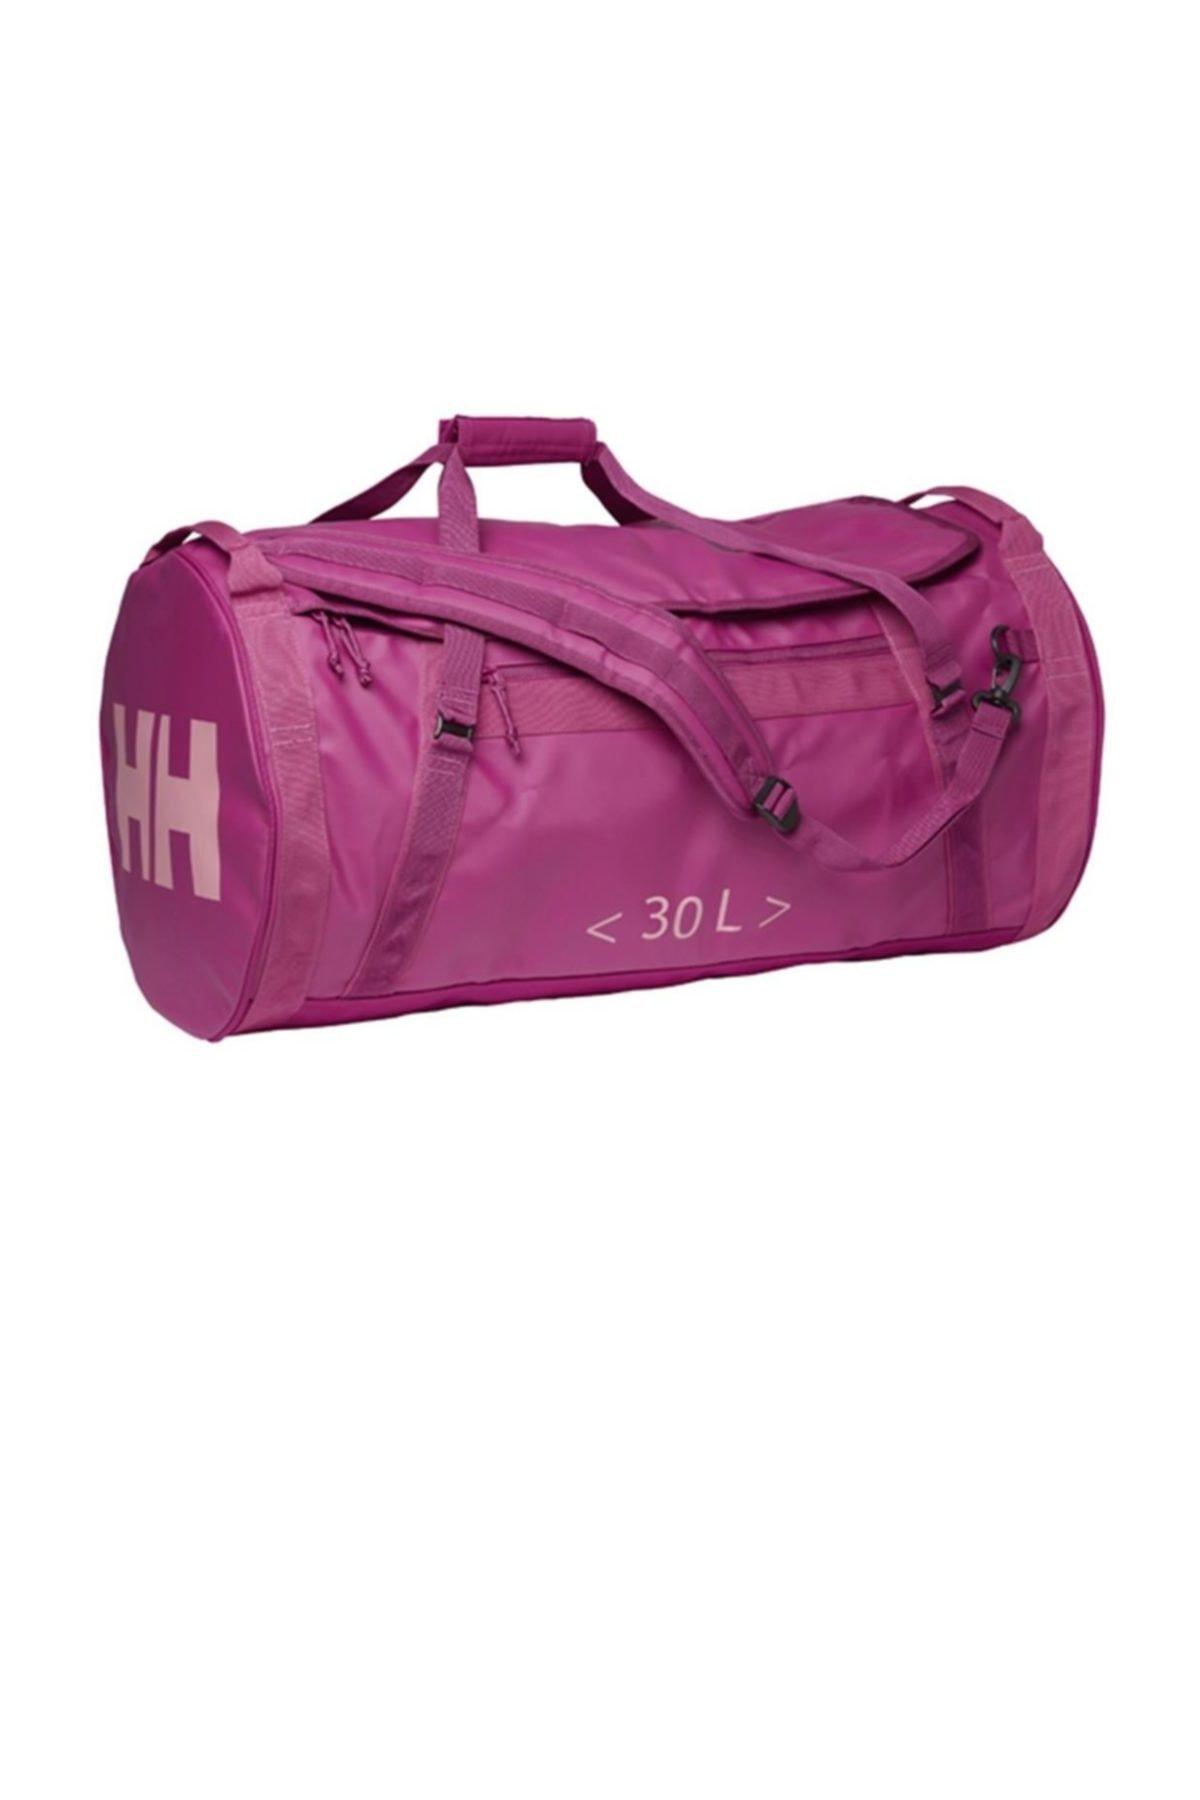 Helly Hansen Duffel Bag 2 30l Fuşya 1